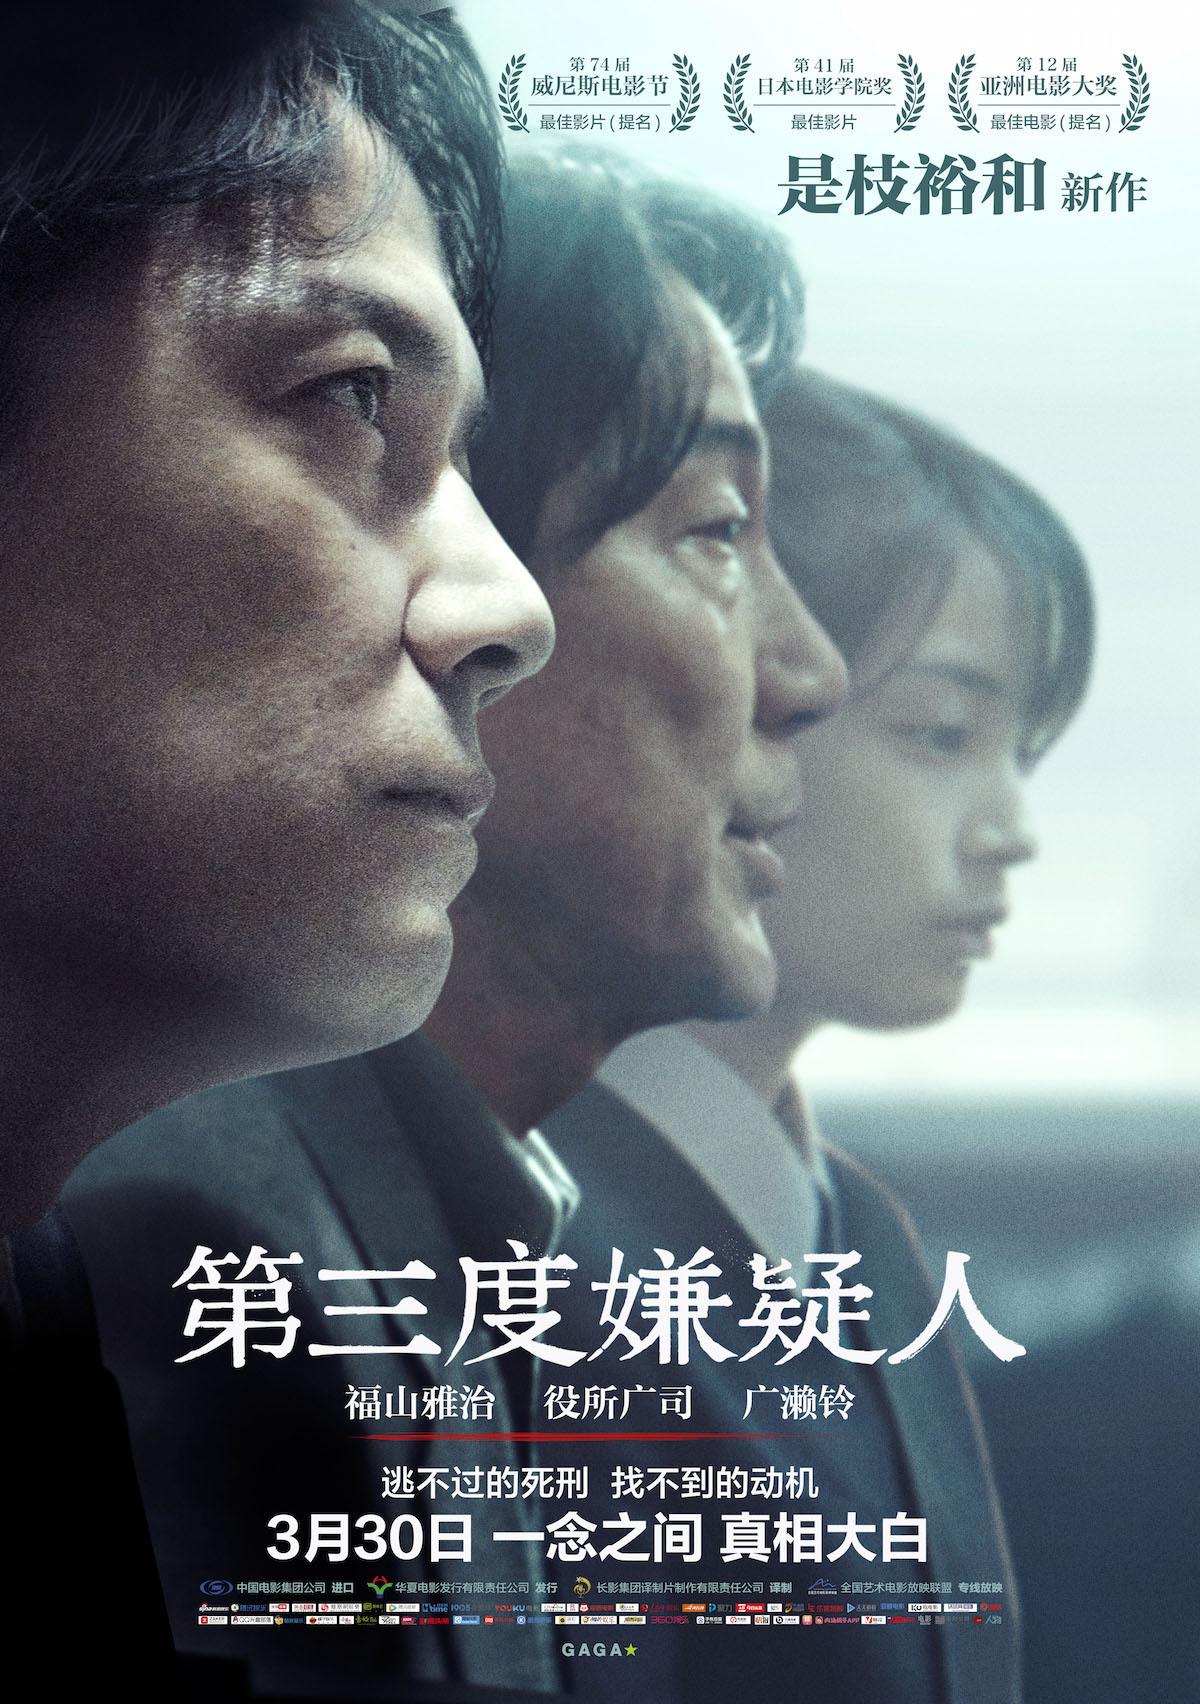 日本悬疑电影《第三度嫌疑人》用自己的死保护了那仅有的一丝人性 (3)